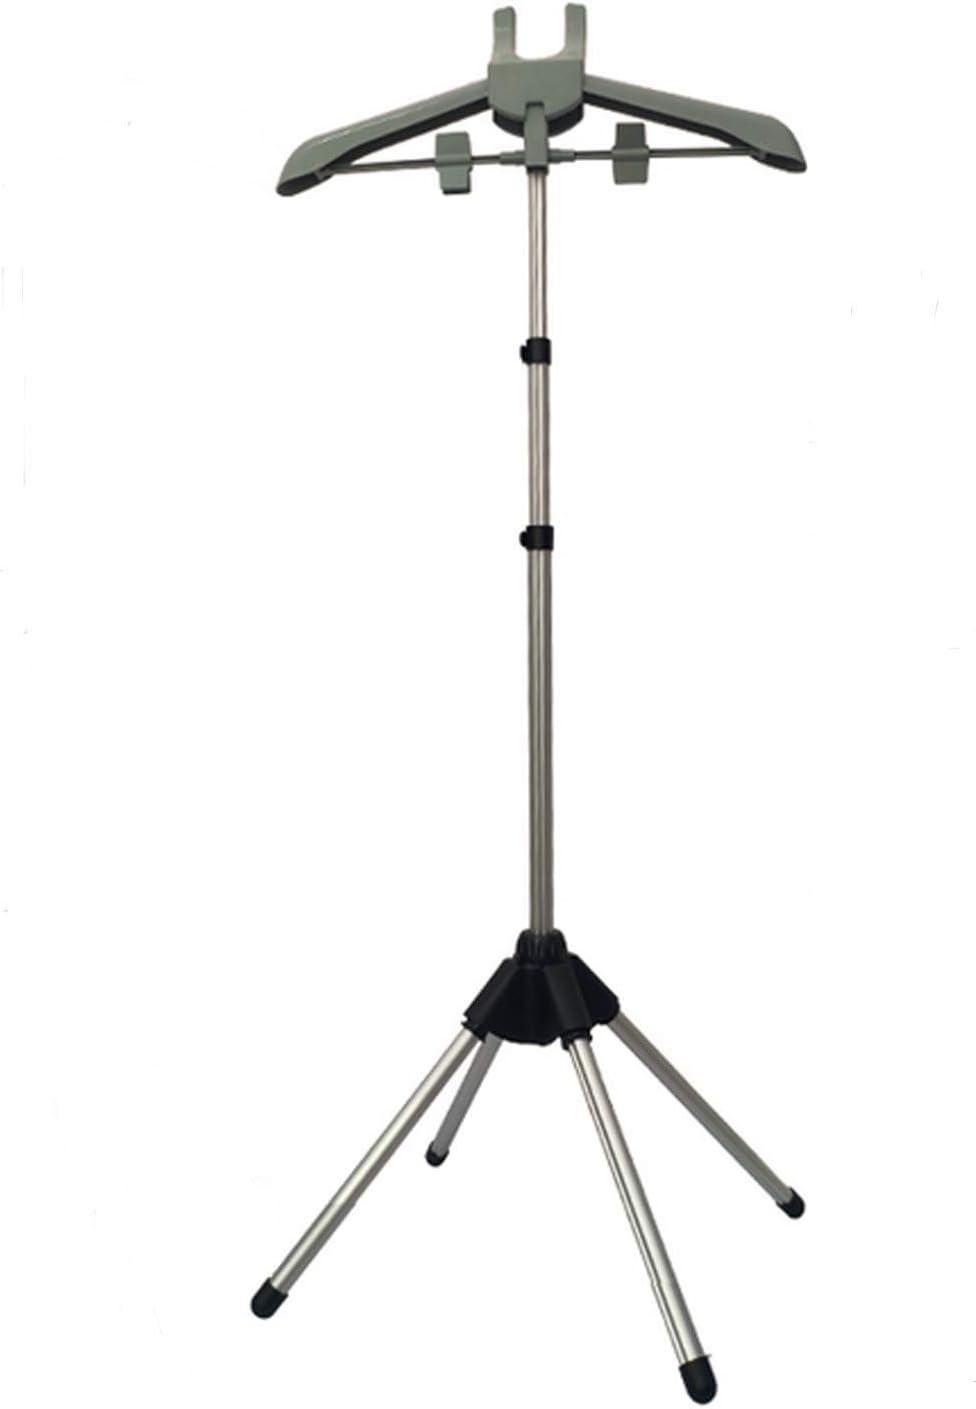 Rluii Garment Hanger/Drying Rack/Handheld Clothes Steamer Holder/Fabric Steamer Ironing Steamer Bracket/Pants Hanger/Telescopic Folding Hanger/Garment Steamer Accessories (Gray)